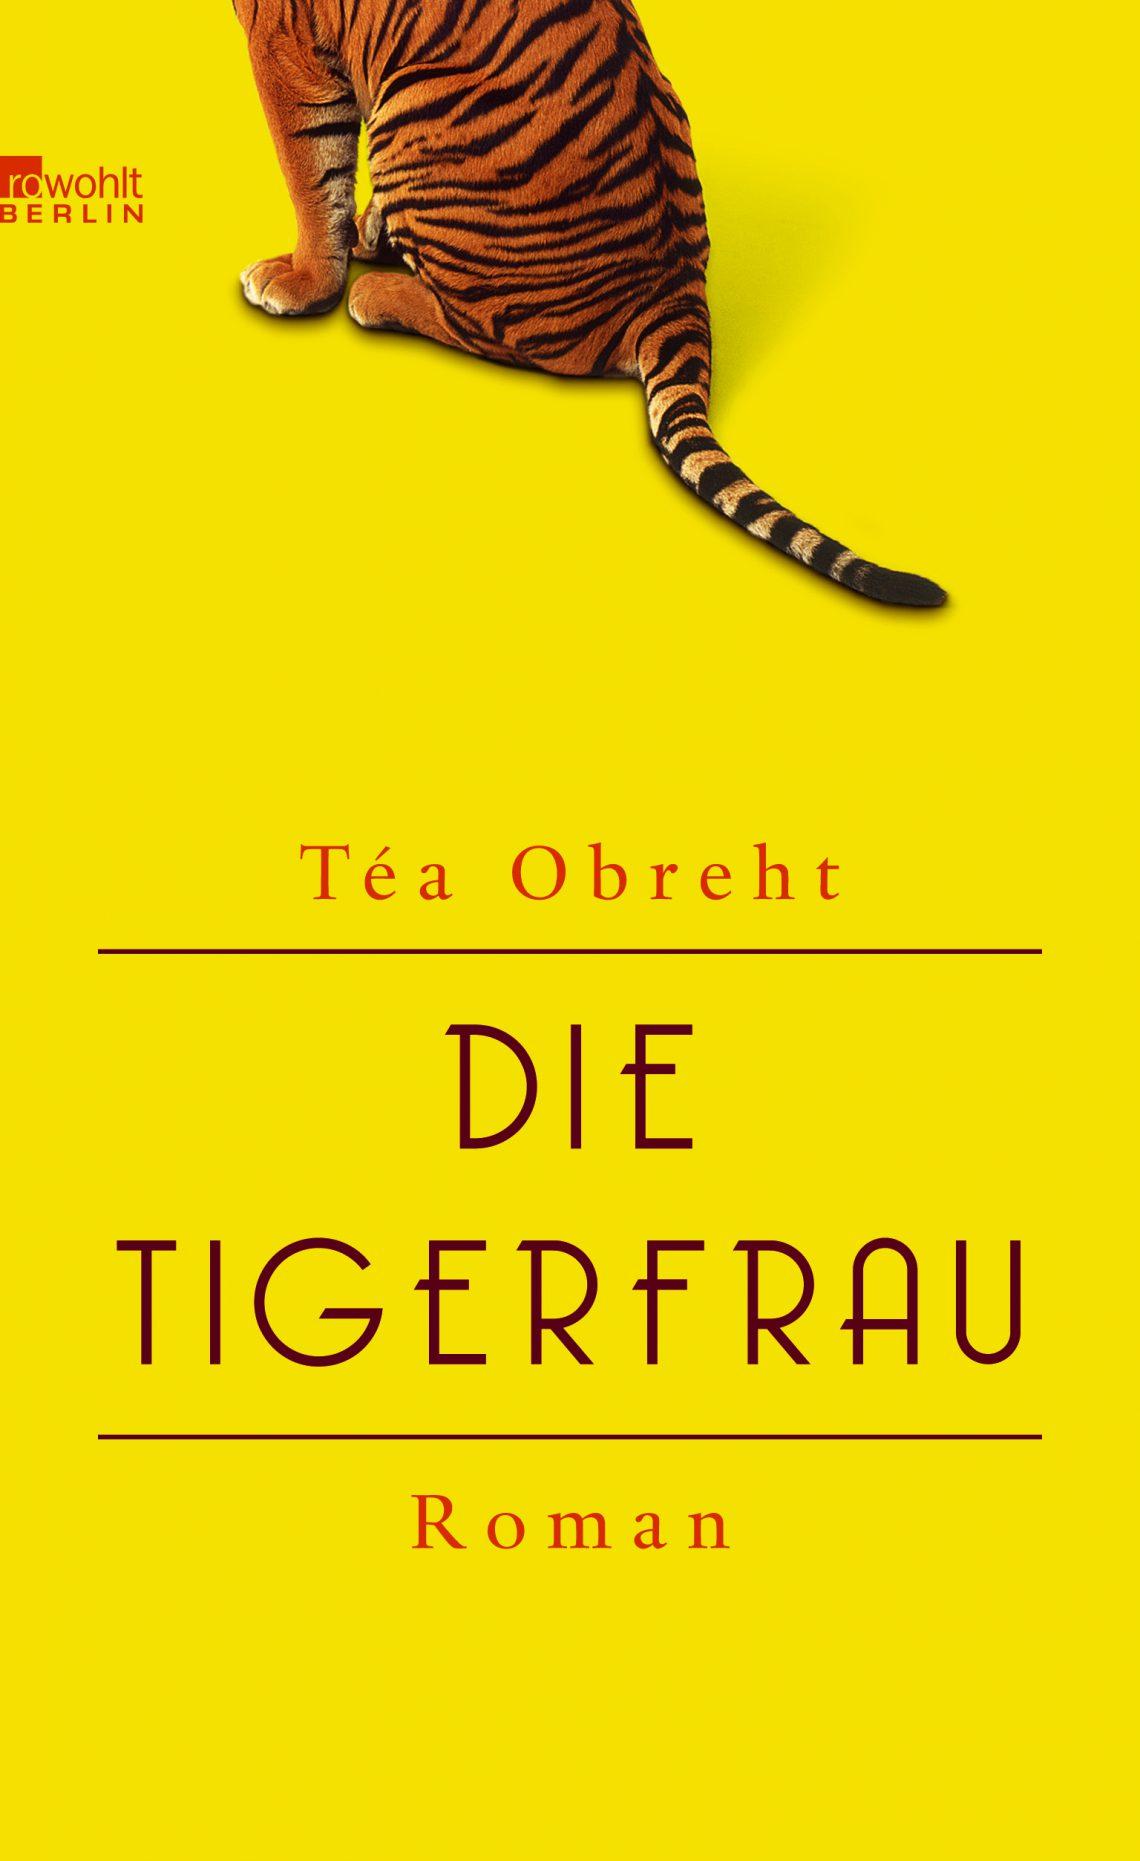 Die Tigerfrau von Téa Obreht ist ein faszinierender Roman, der realistische Beschreibung mit einer legendenhaften Geschichte würzt. #Bücher #Rezension #Buch-Tipp